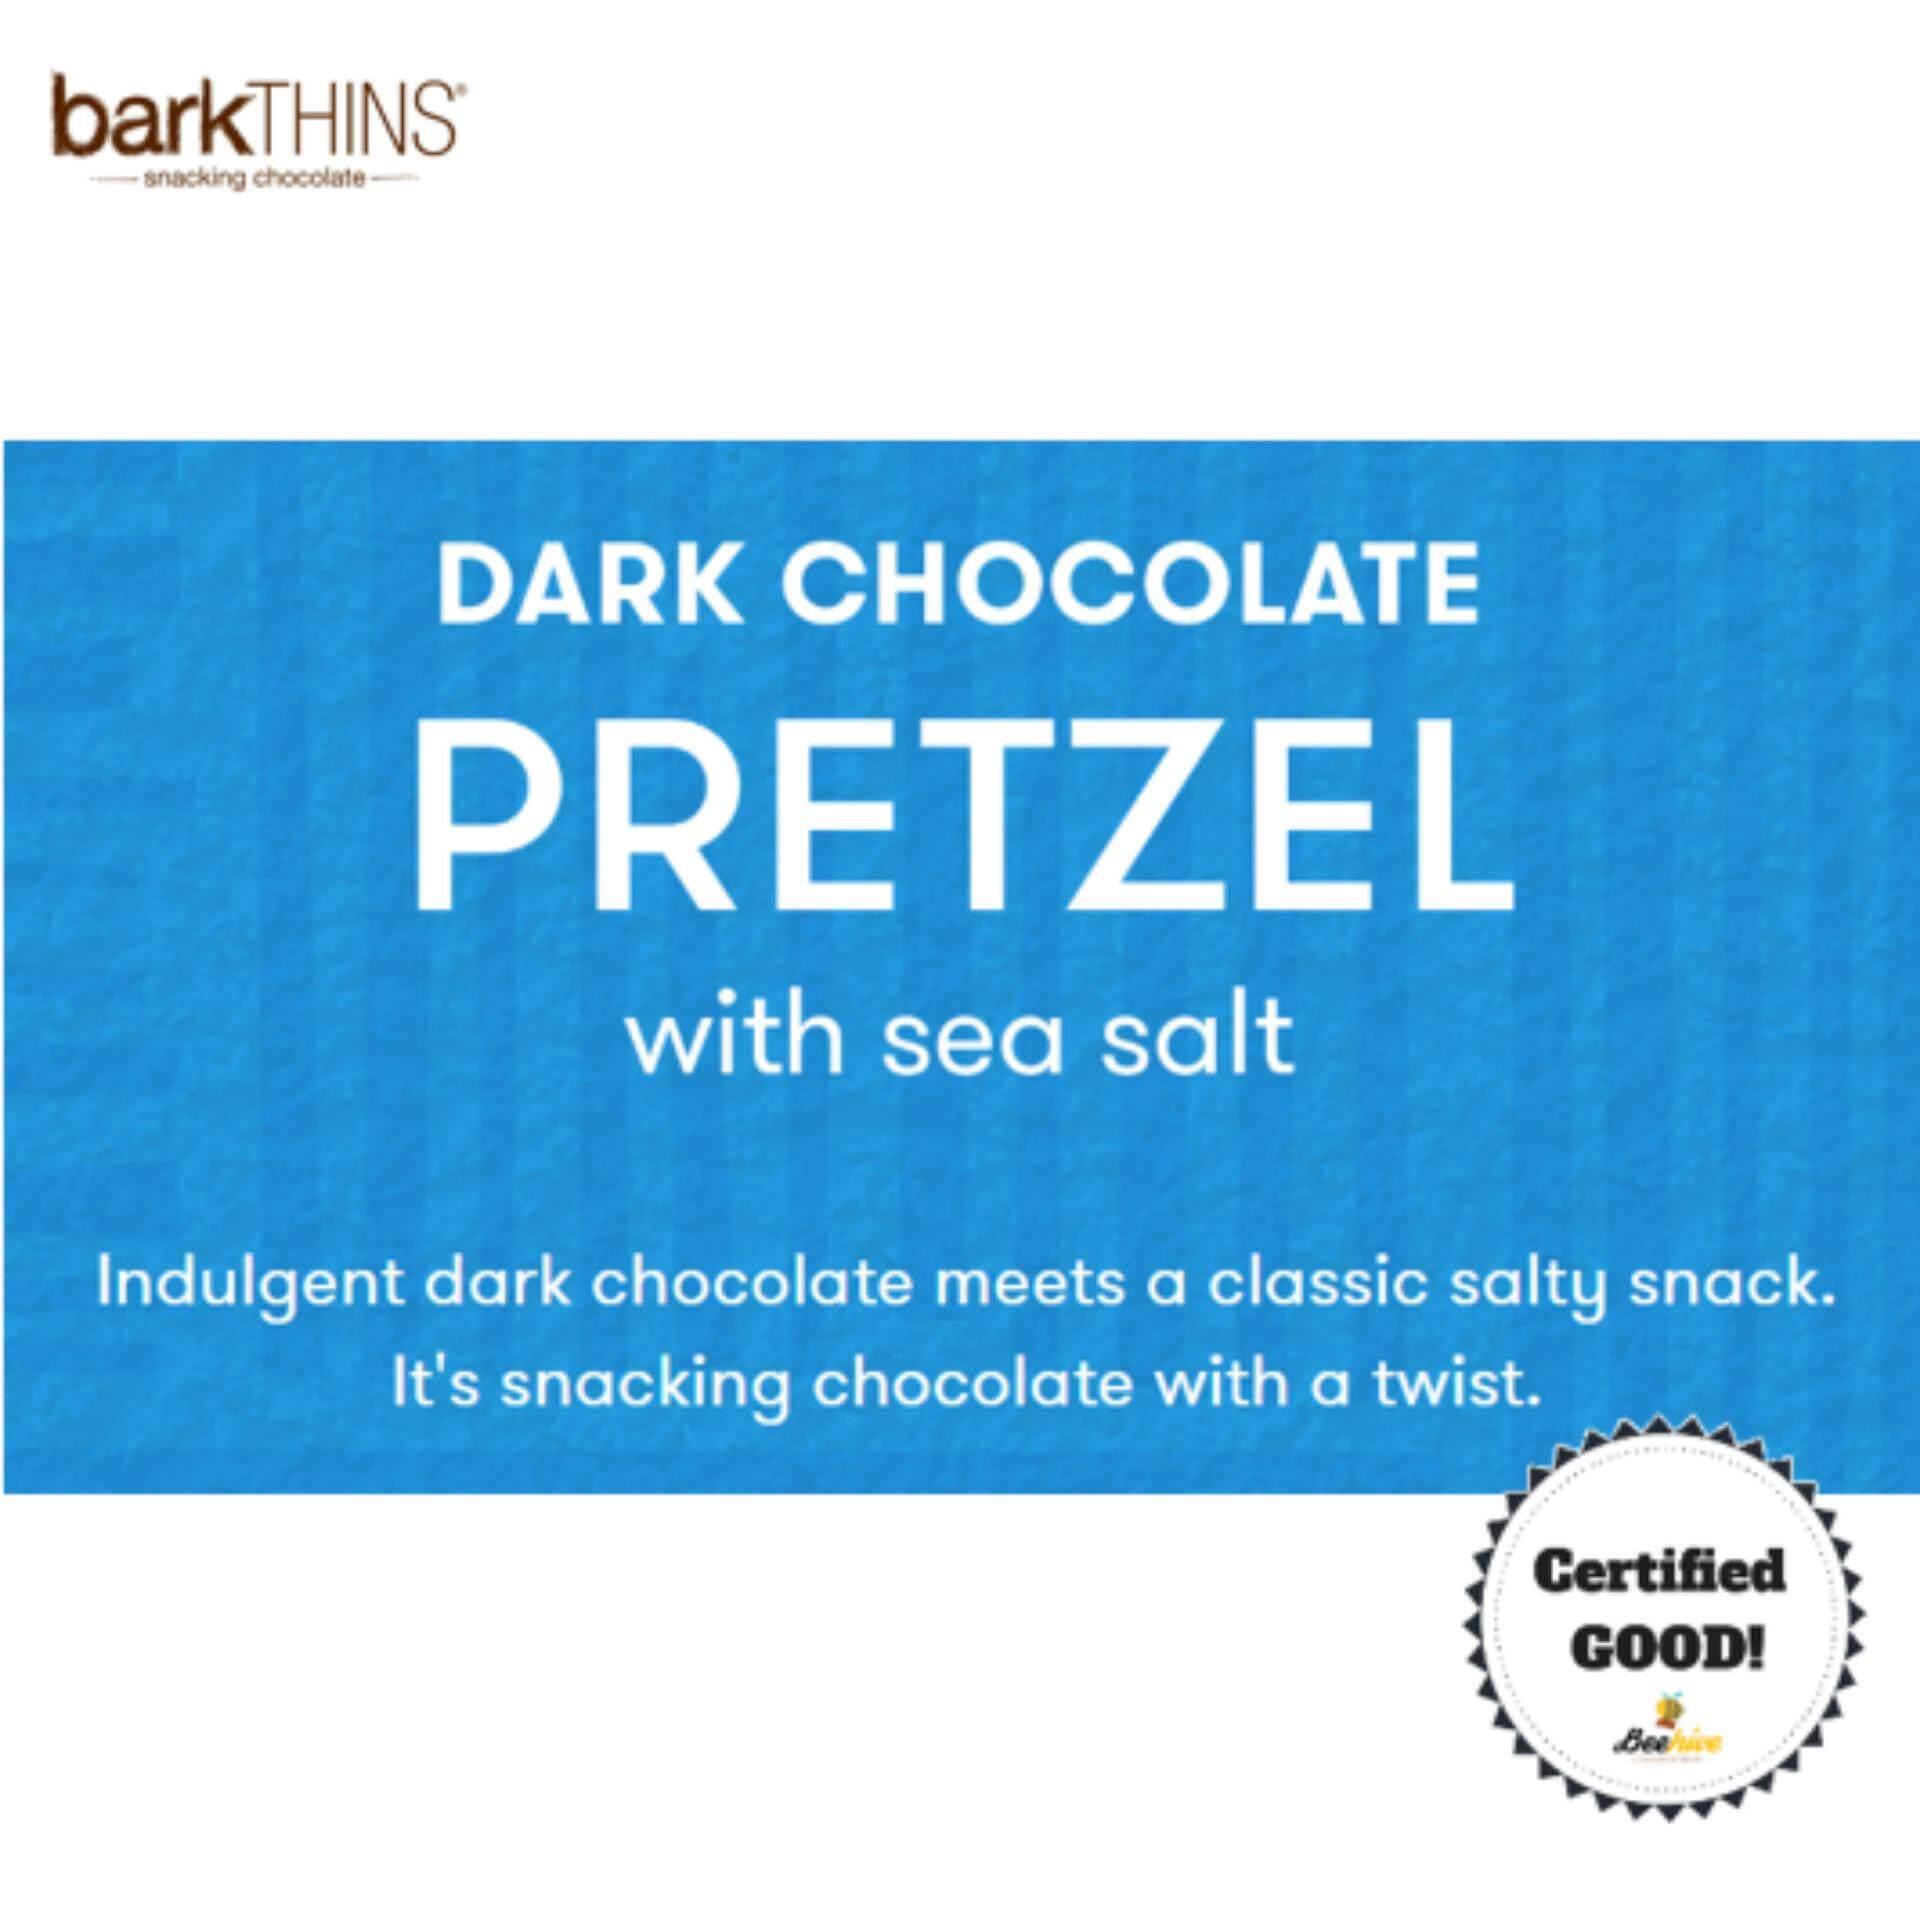 BarkThins Dark Chocolate Pretzel with Sea Salt 133g